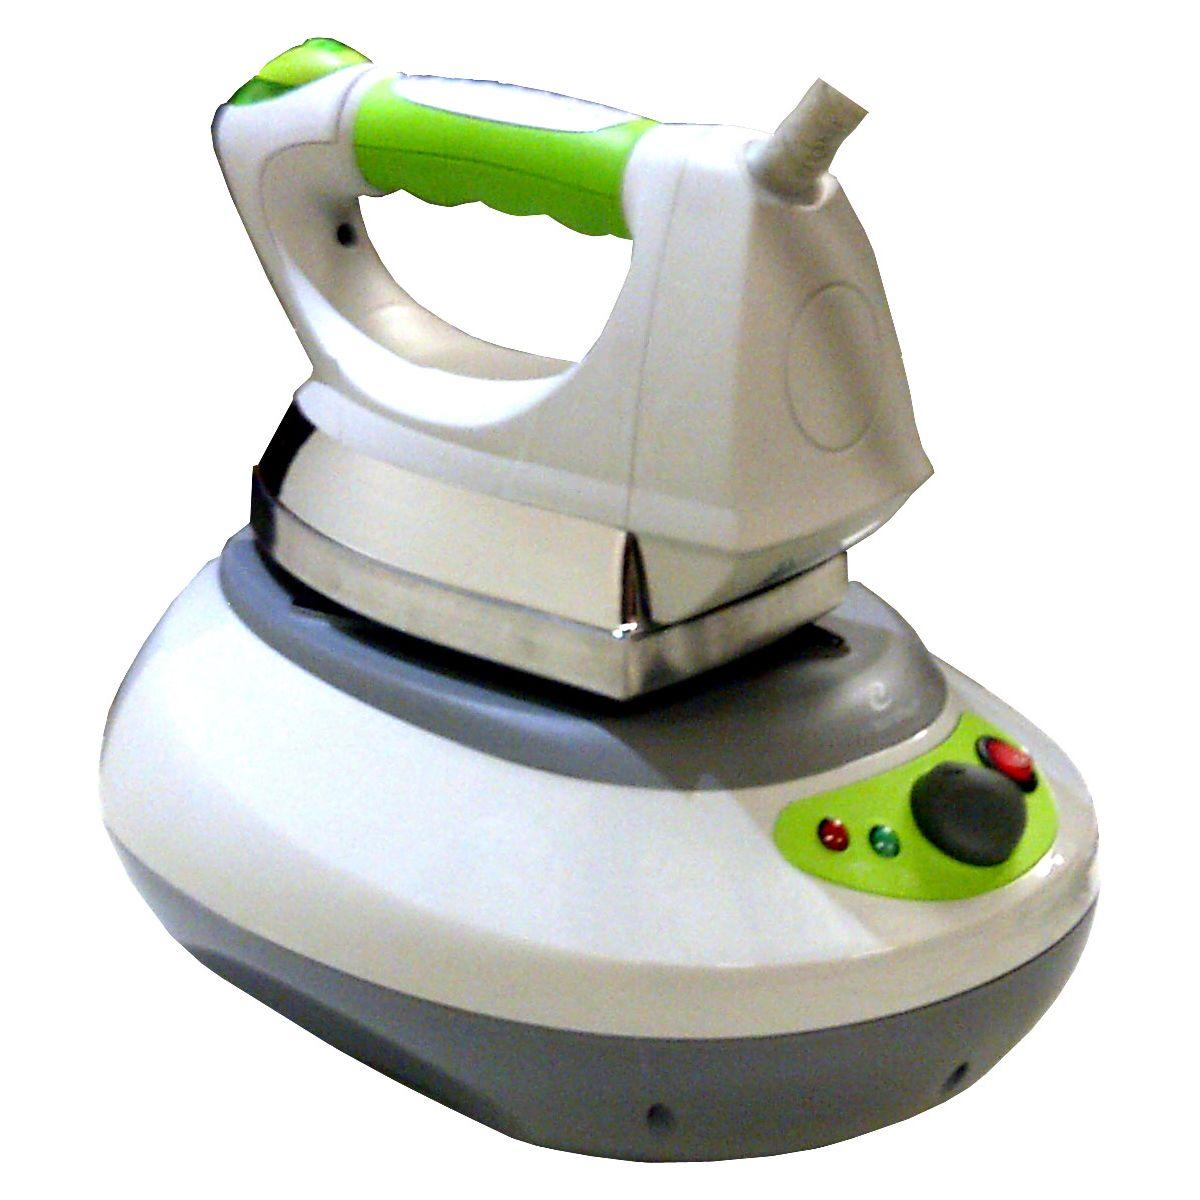 Euroflex is 21 green centrale vapeur 2050 watts - Defroisseur vapeur comparer les prix ...